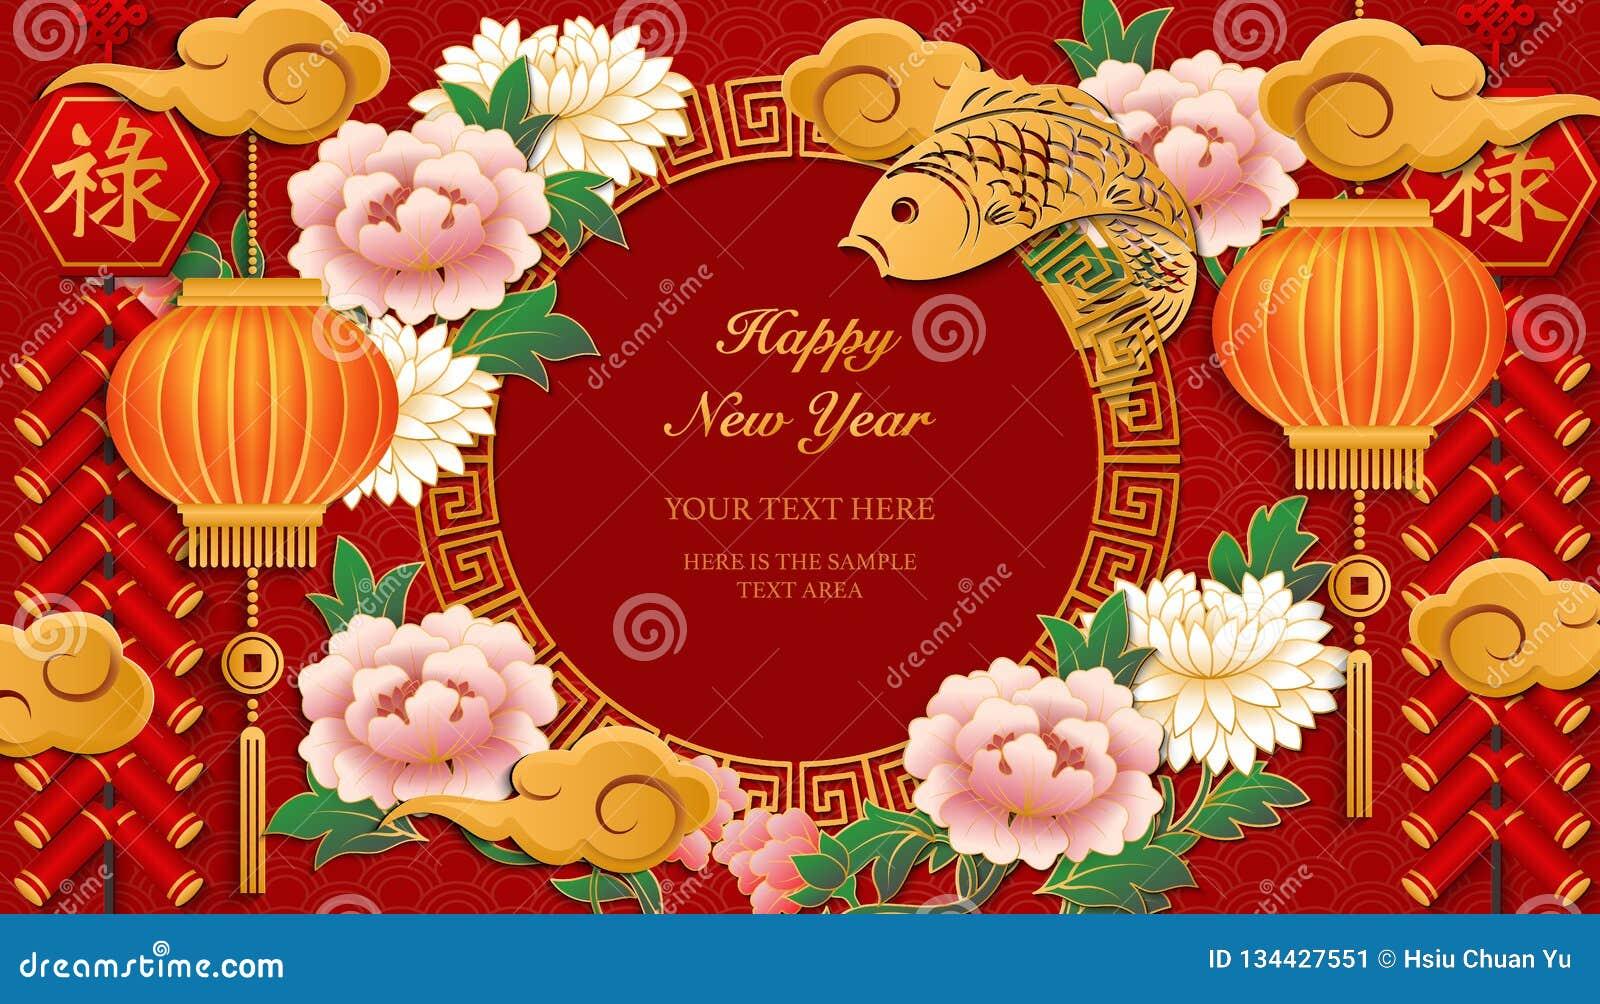 愉快的春节减速火箭的金子红色安心花灯笼鱼云彩爆竹和装饰圆的框架